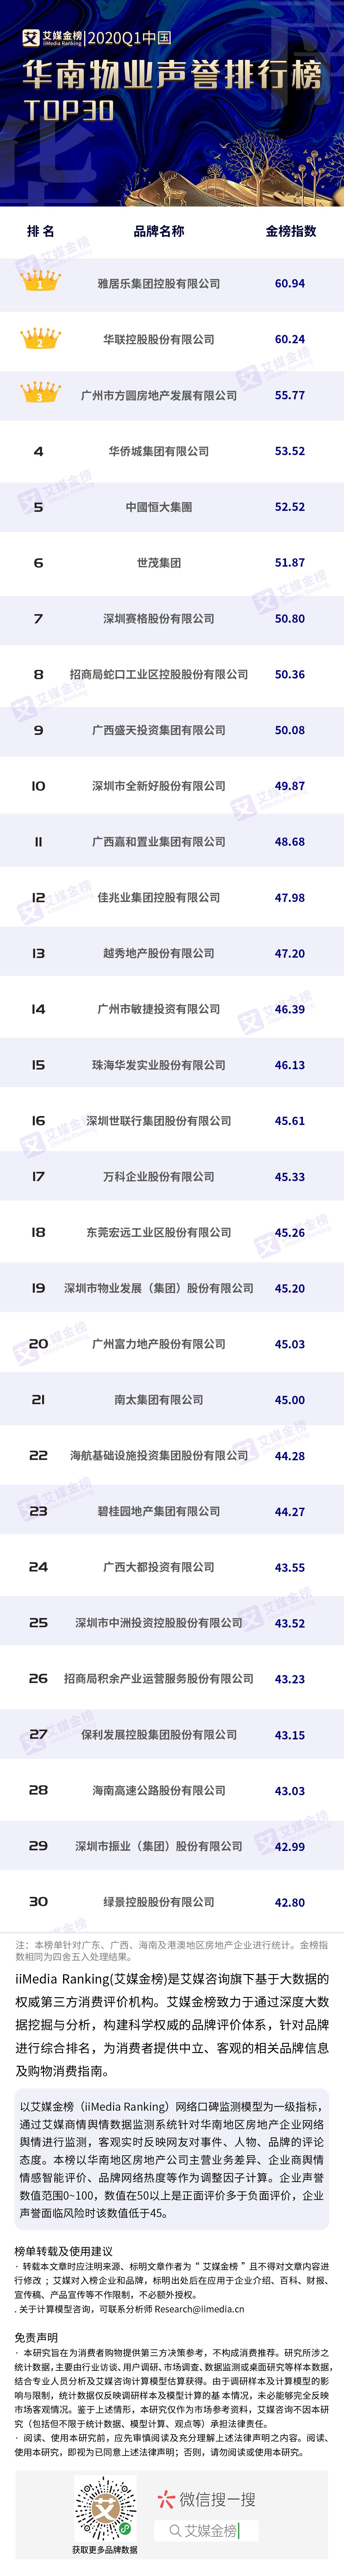 原创2020Q1中国华南房地产企业声誉排行三十强榜单